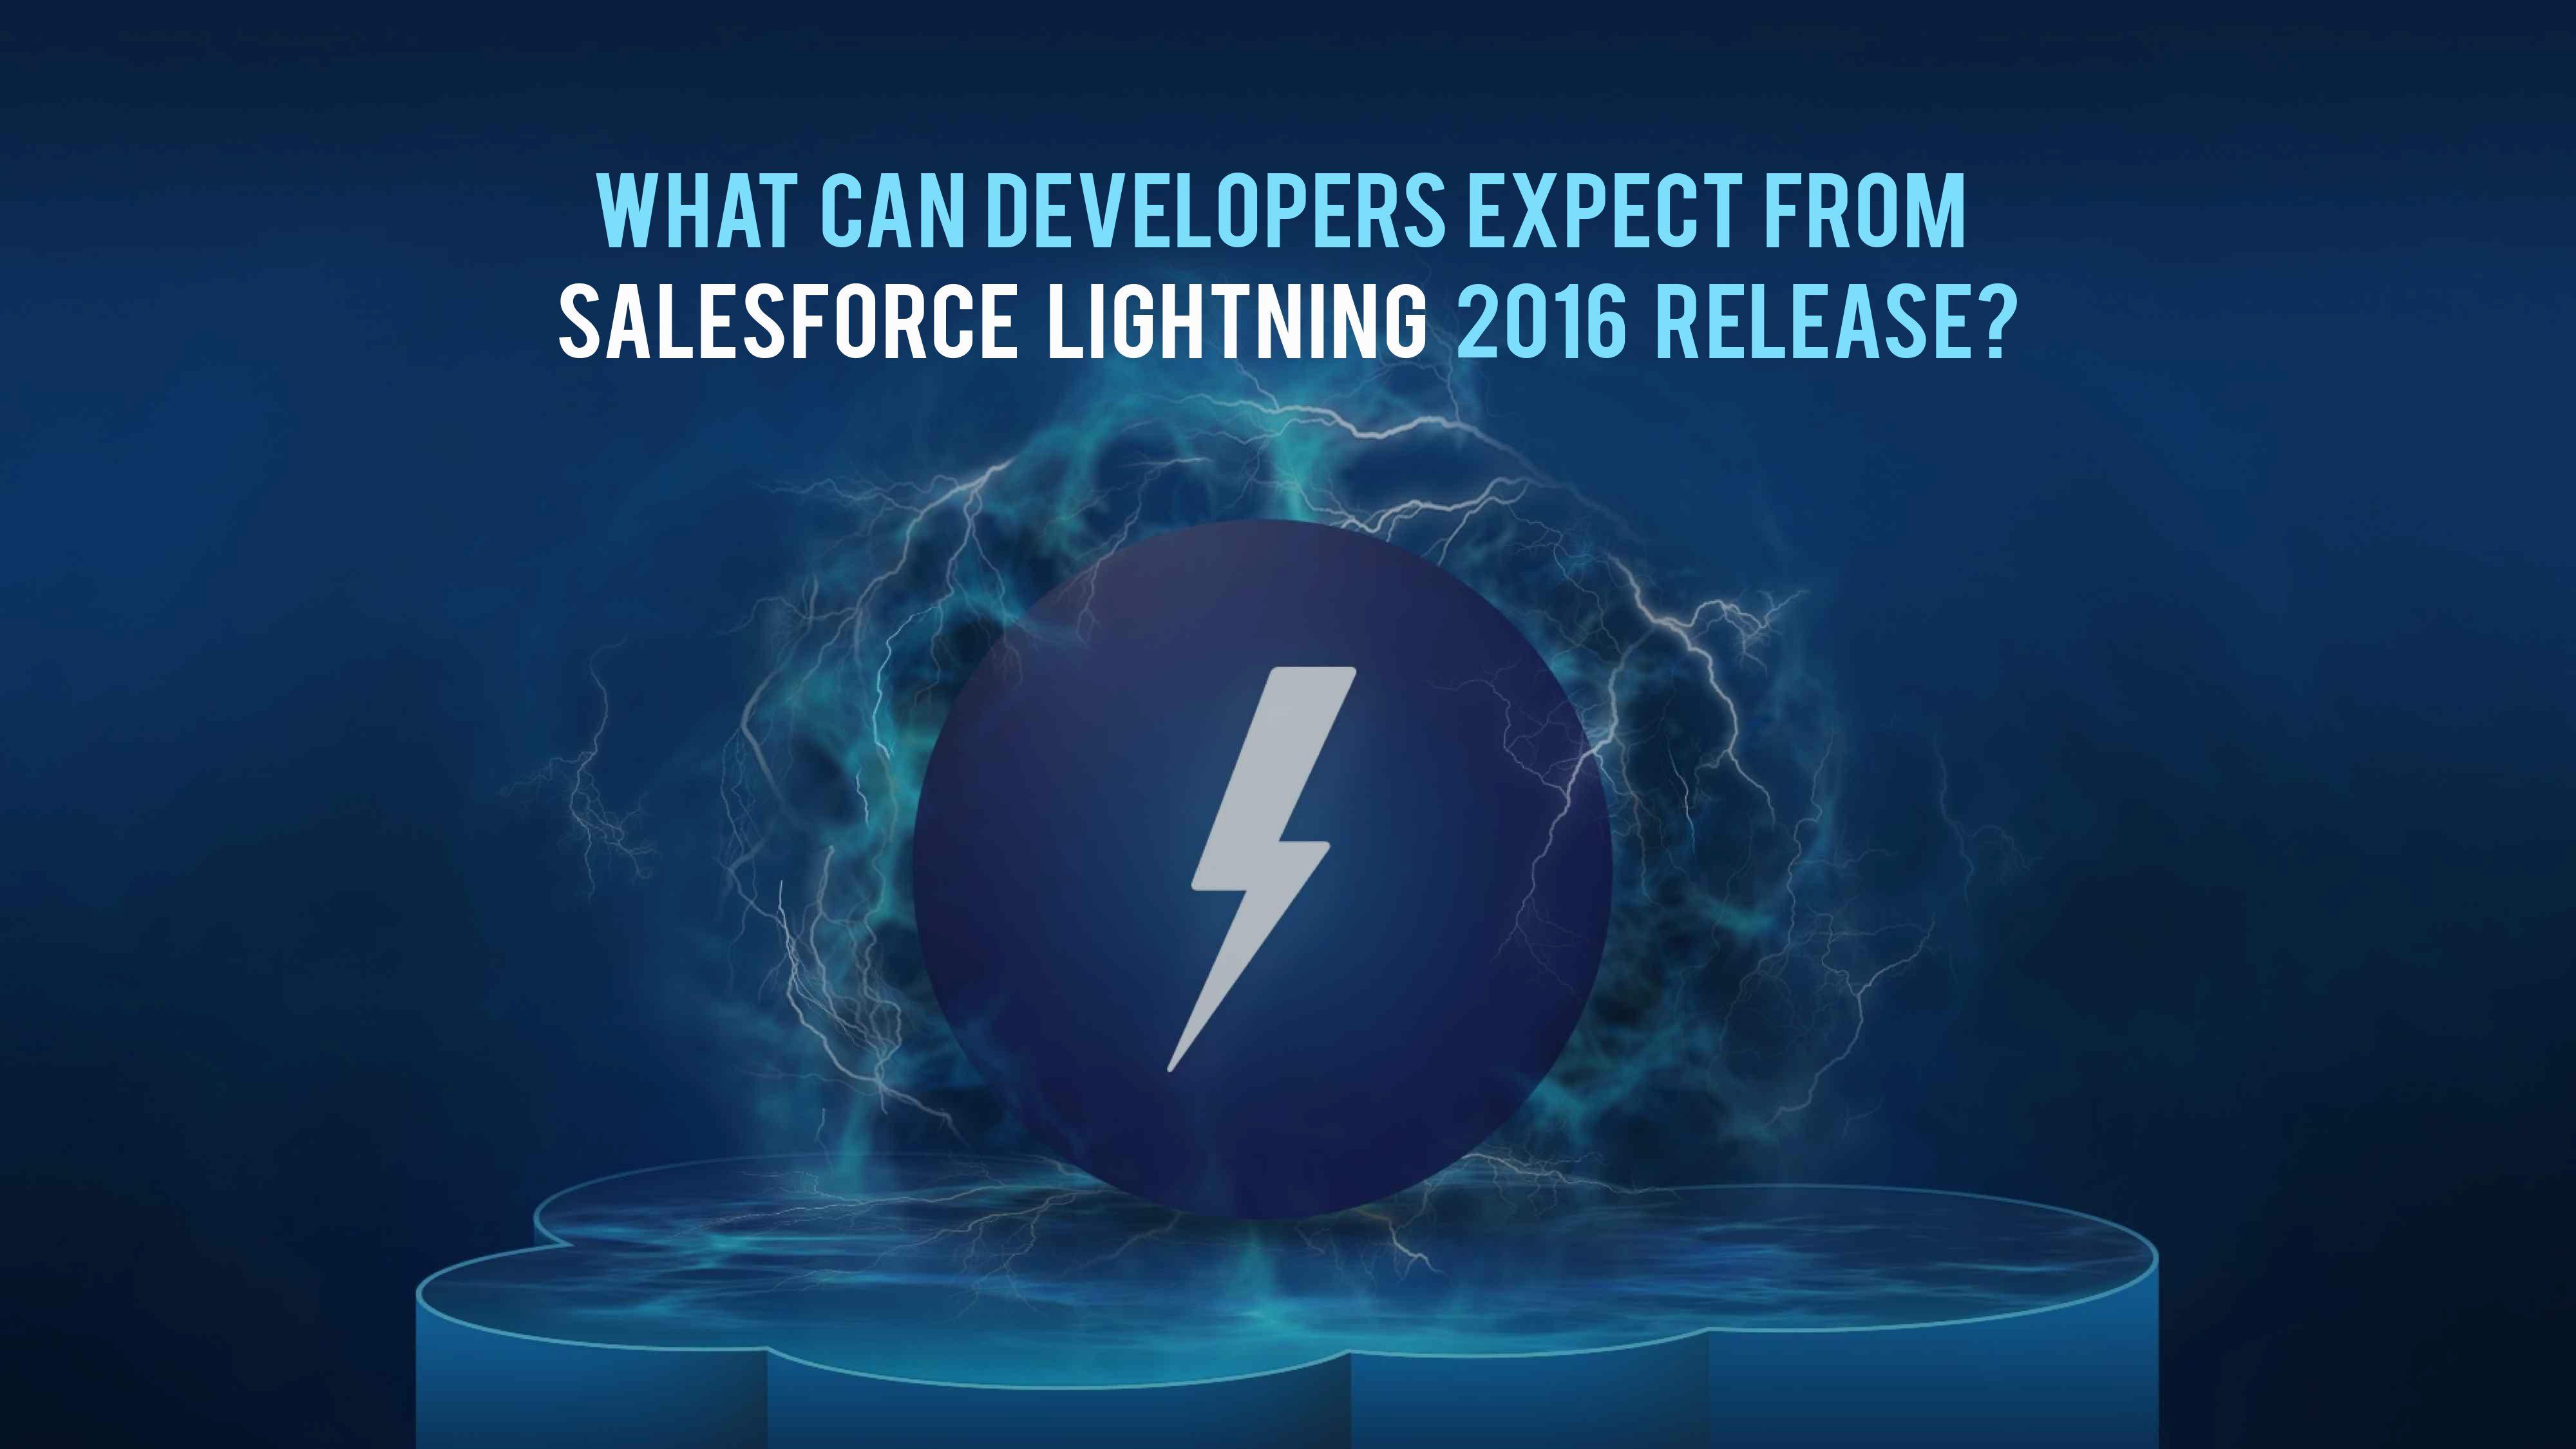 salesforce lightning for developers